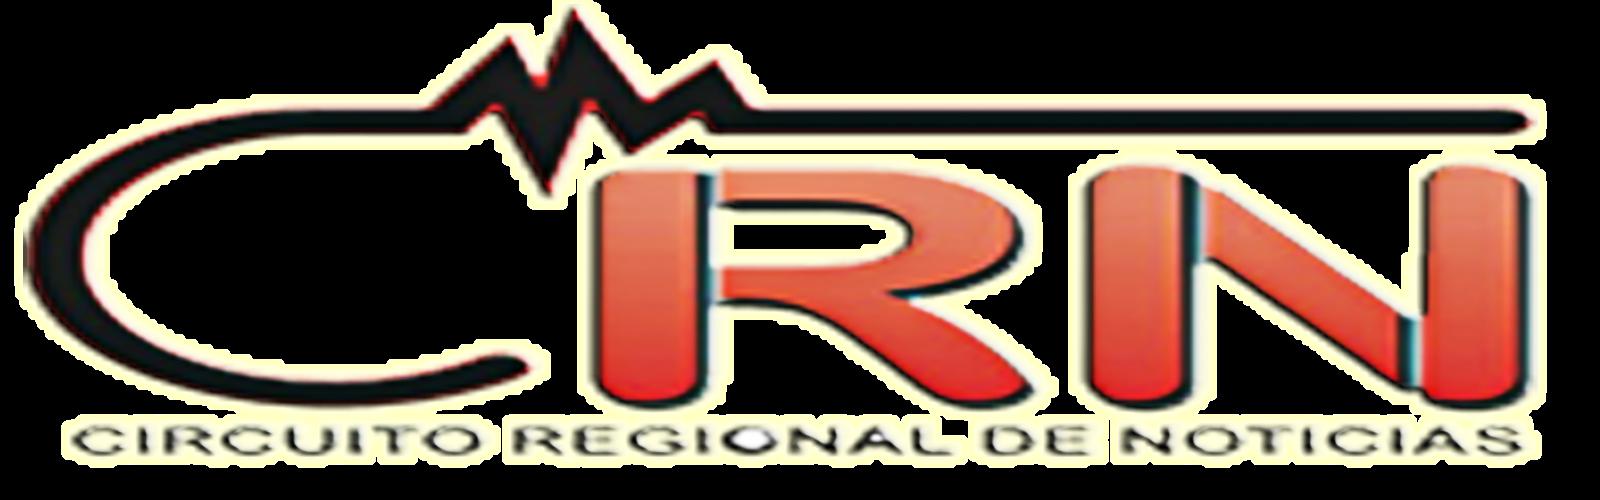 Circuito Regional de Noticias